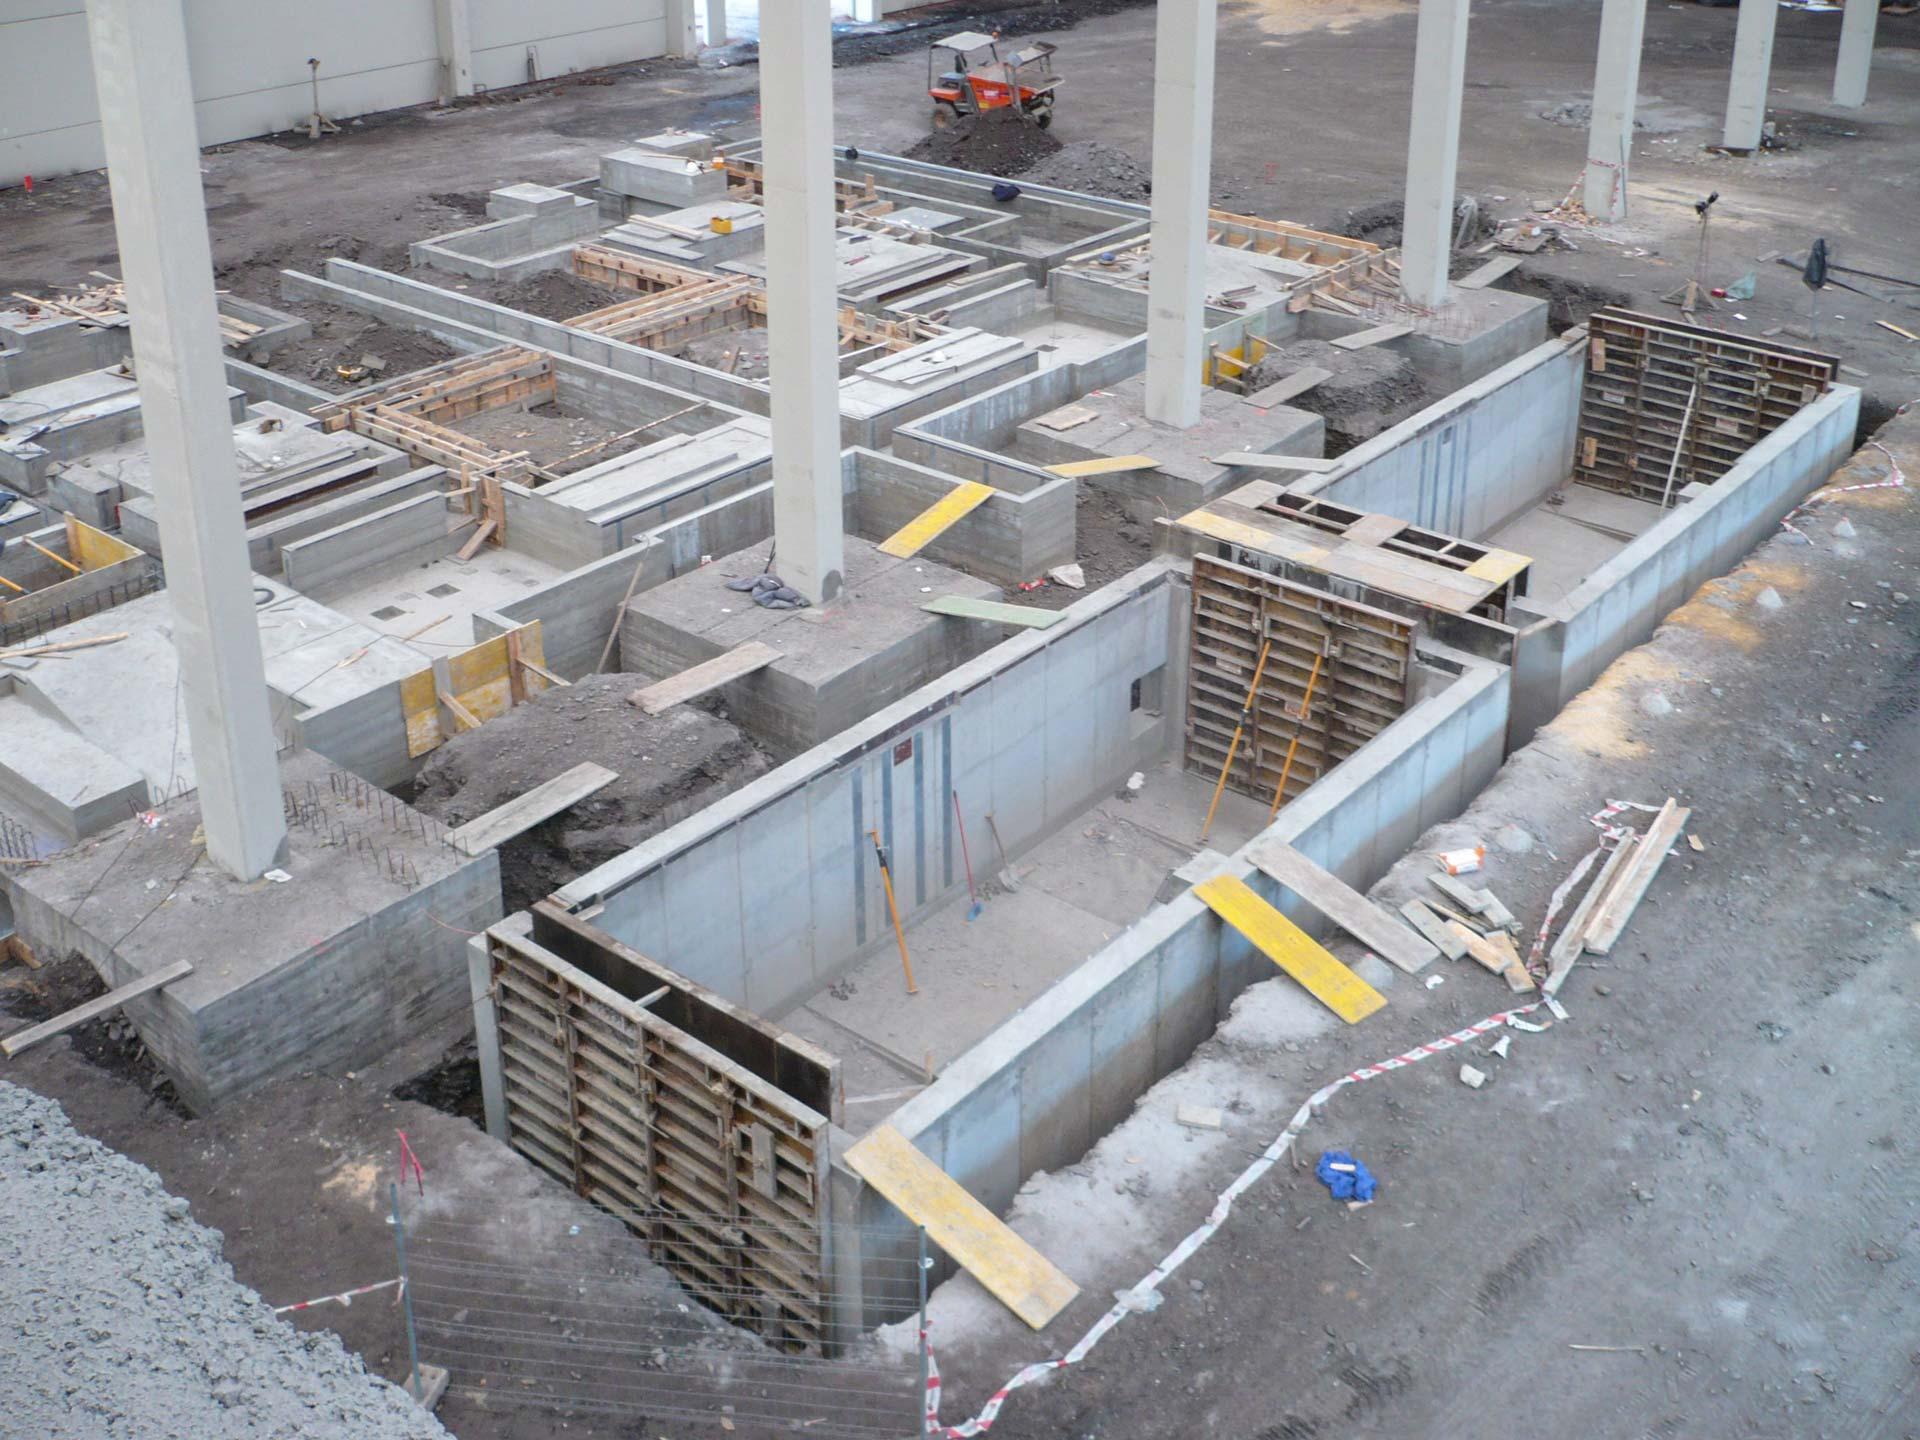 Grupo Cimisa - Trasona's facilities